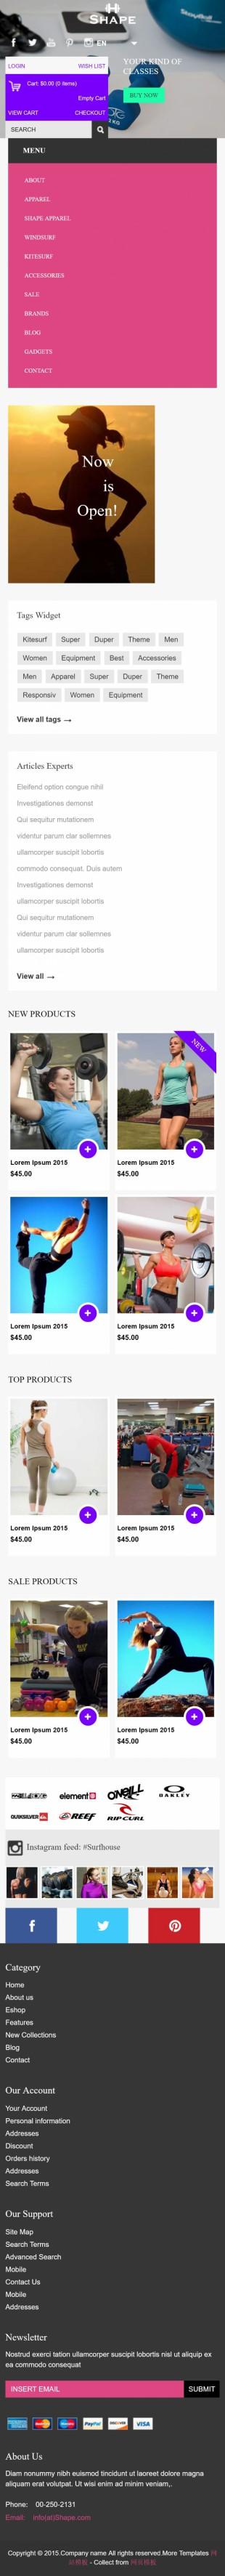 多彩扁平化大气运动健身商城英文网站整站模板手机图片